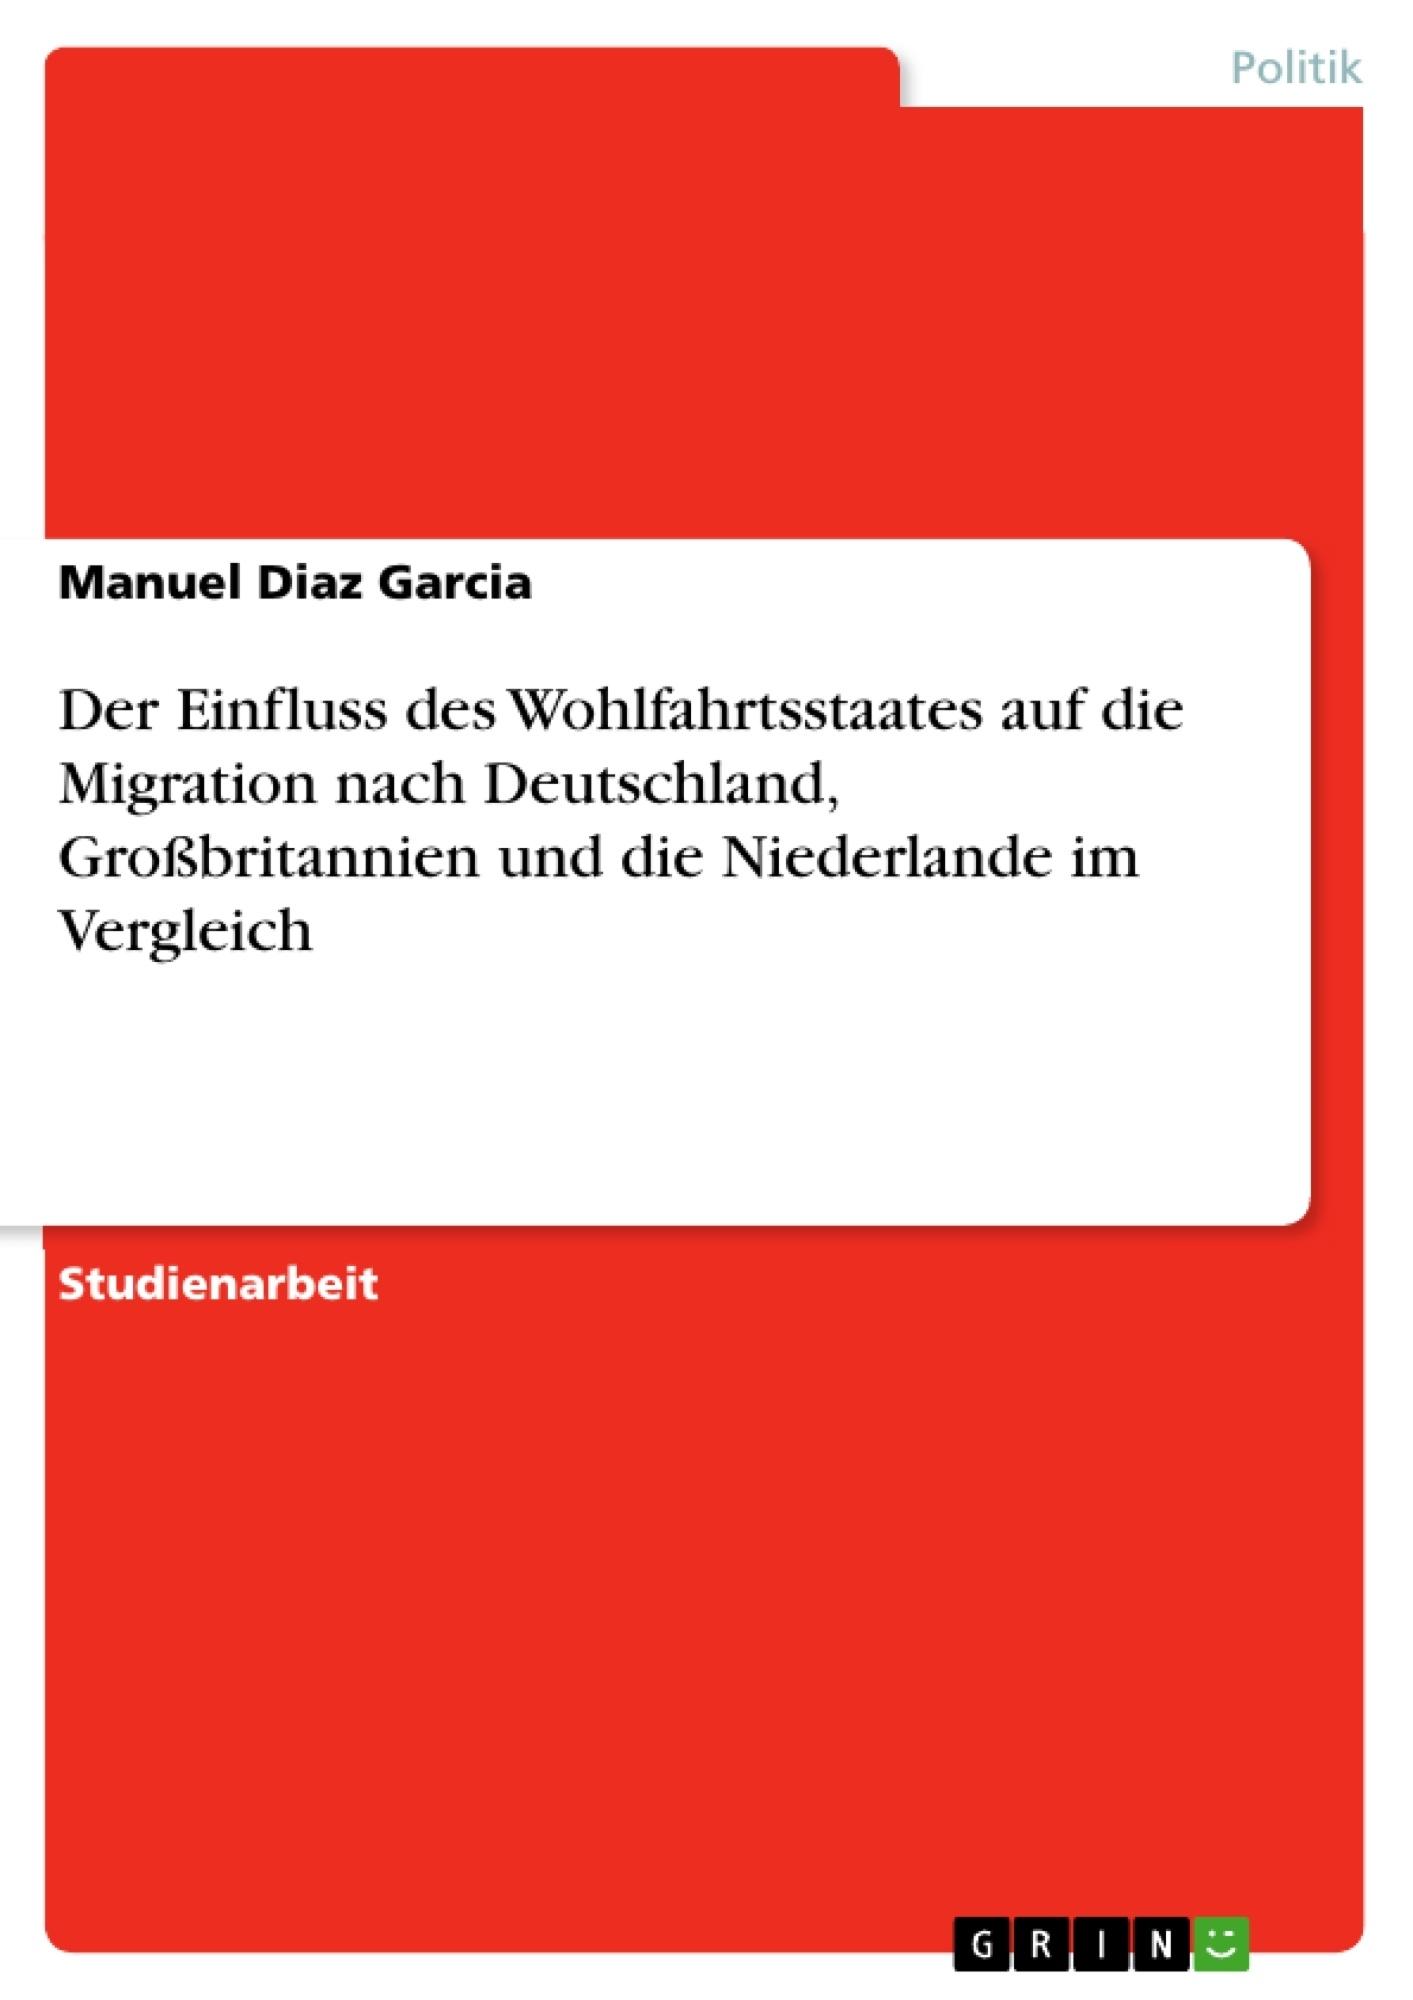 Titel: Der Einfluss des Wohlfahrtsstaates auf die Migration nach Deutschland, Großbritannien und die Niederlande im Vergleich